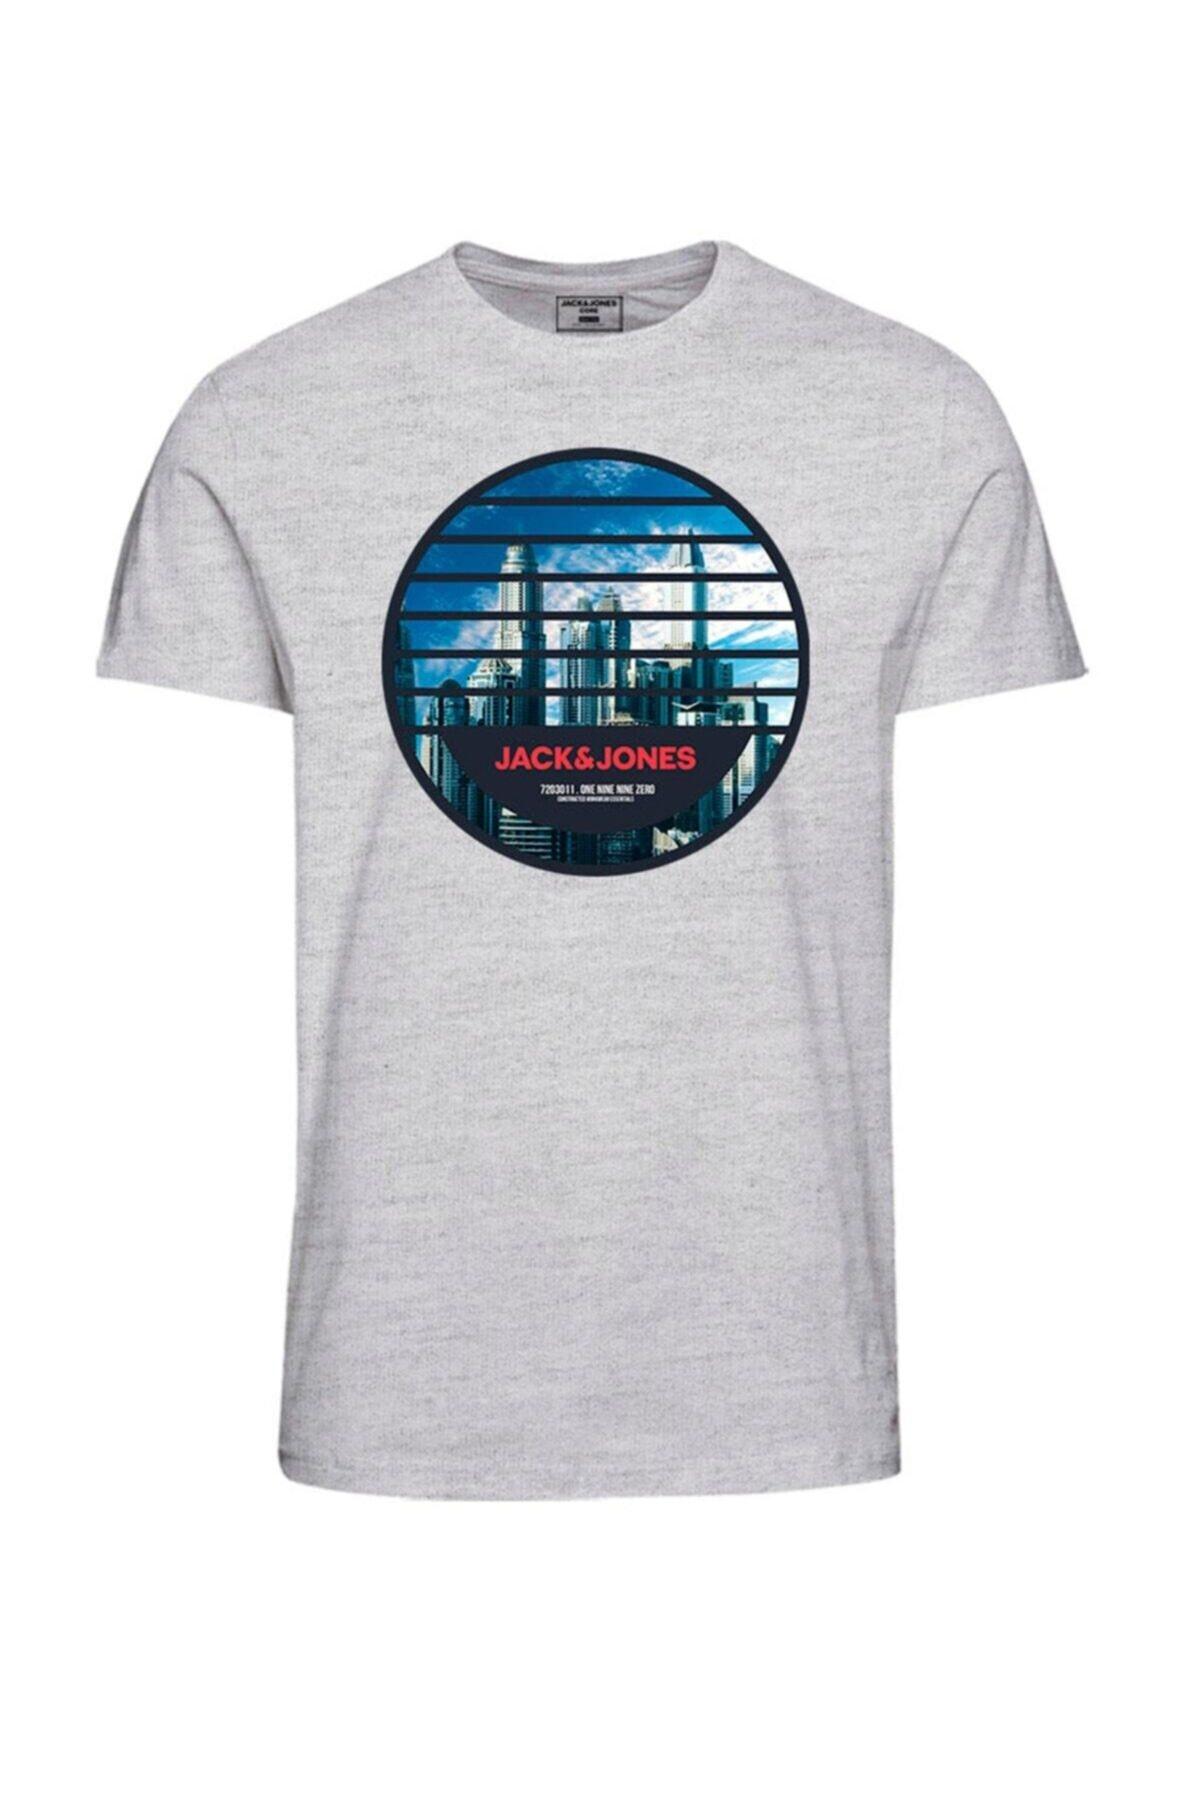 Jack & Jones Erkek Gri Ifter Core Tee SS Crew Neck T-Shirt 1